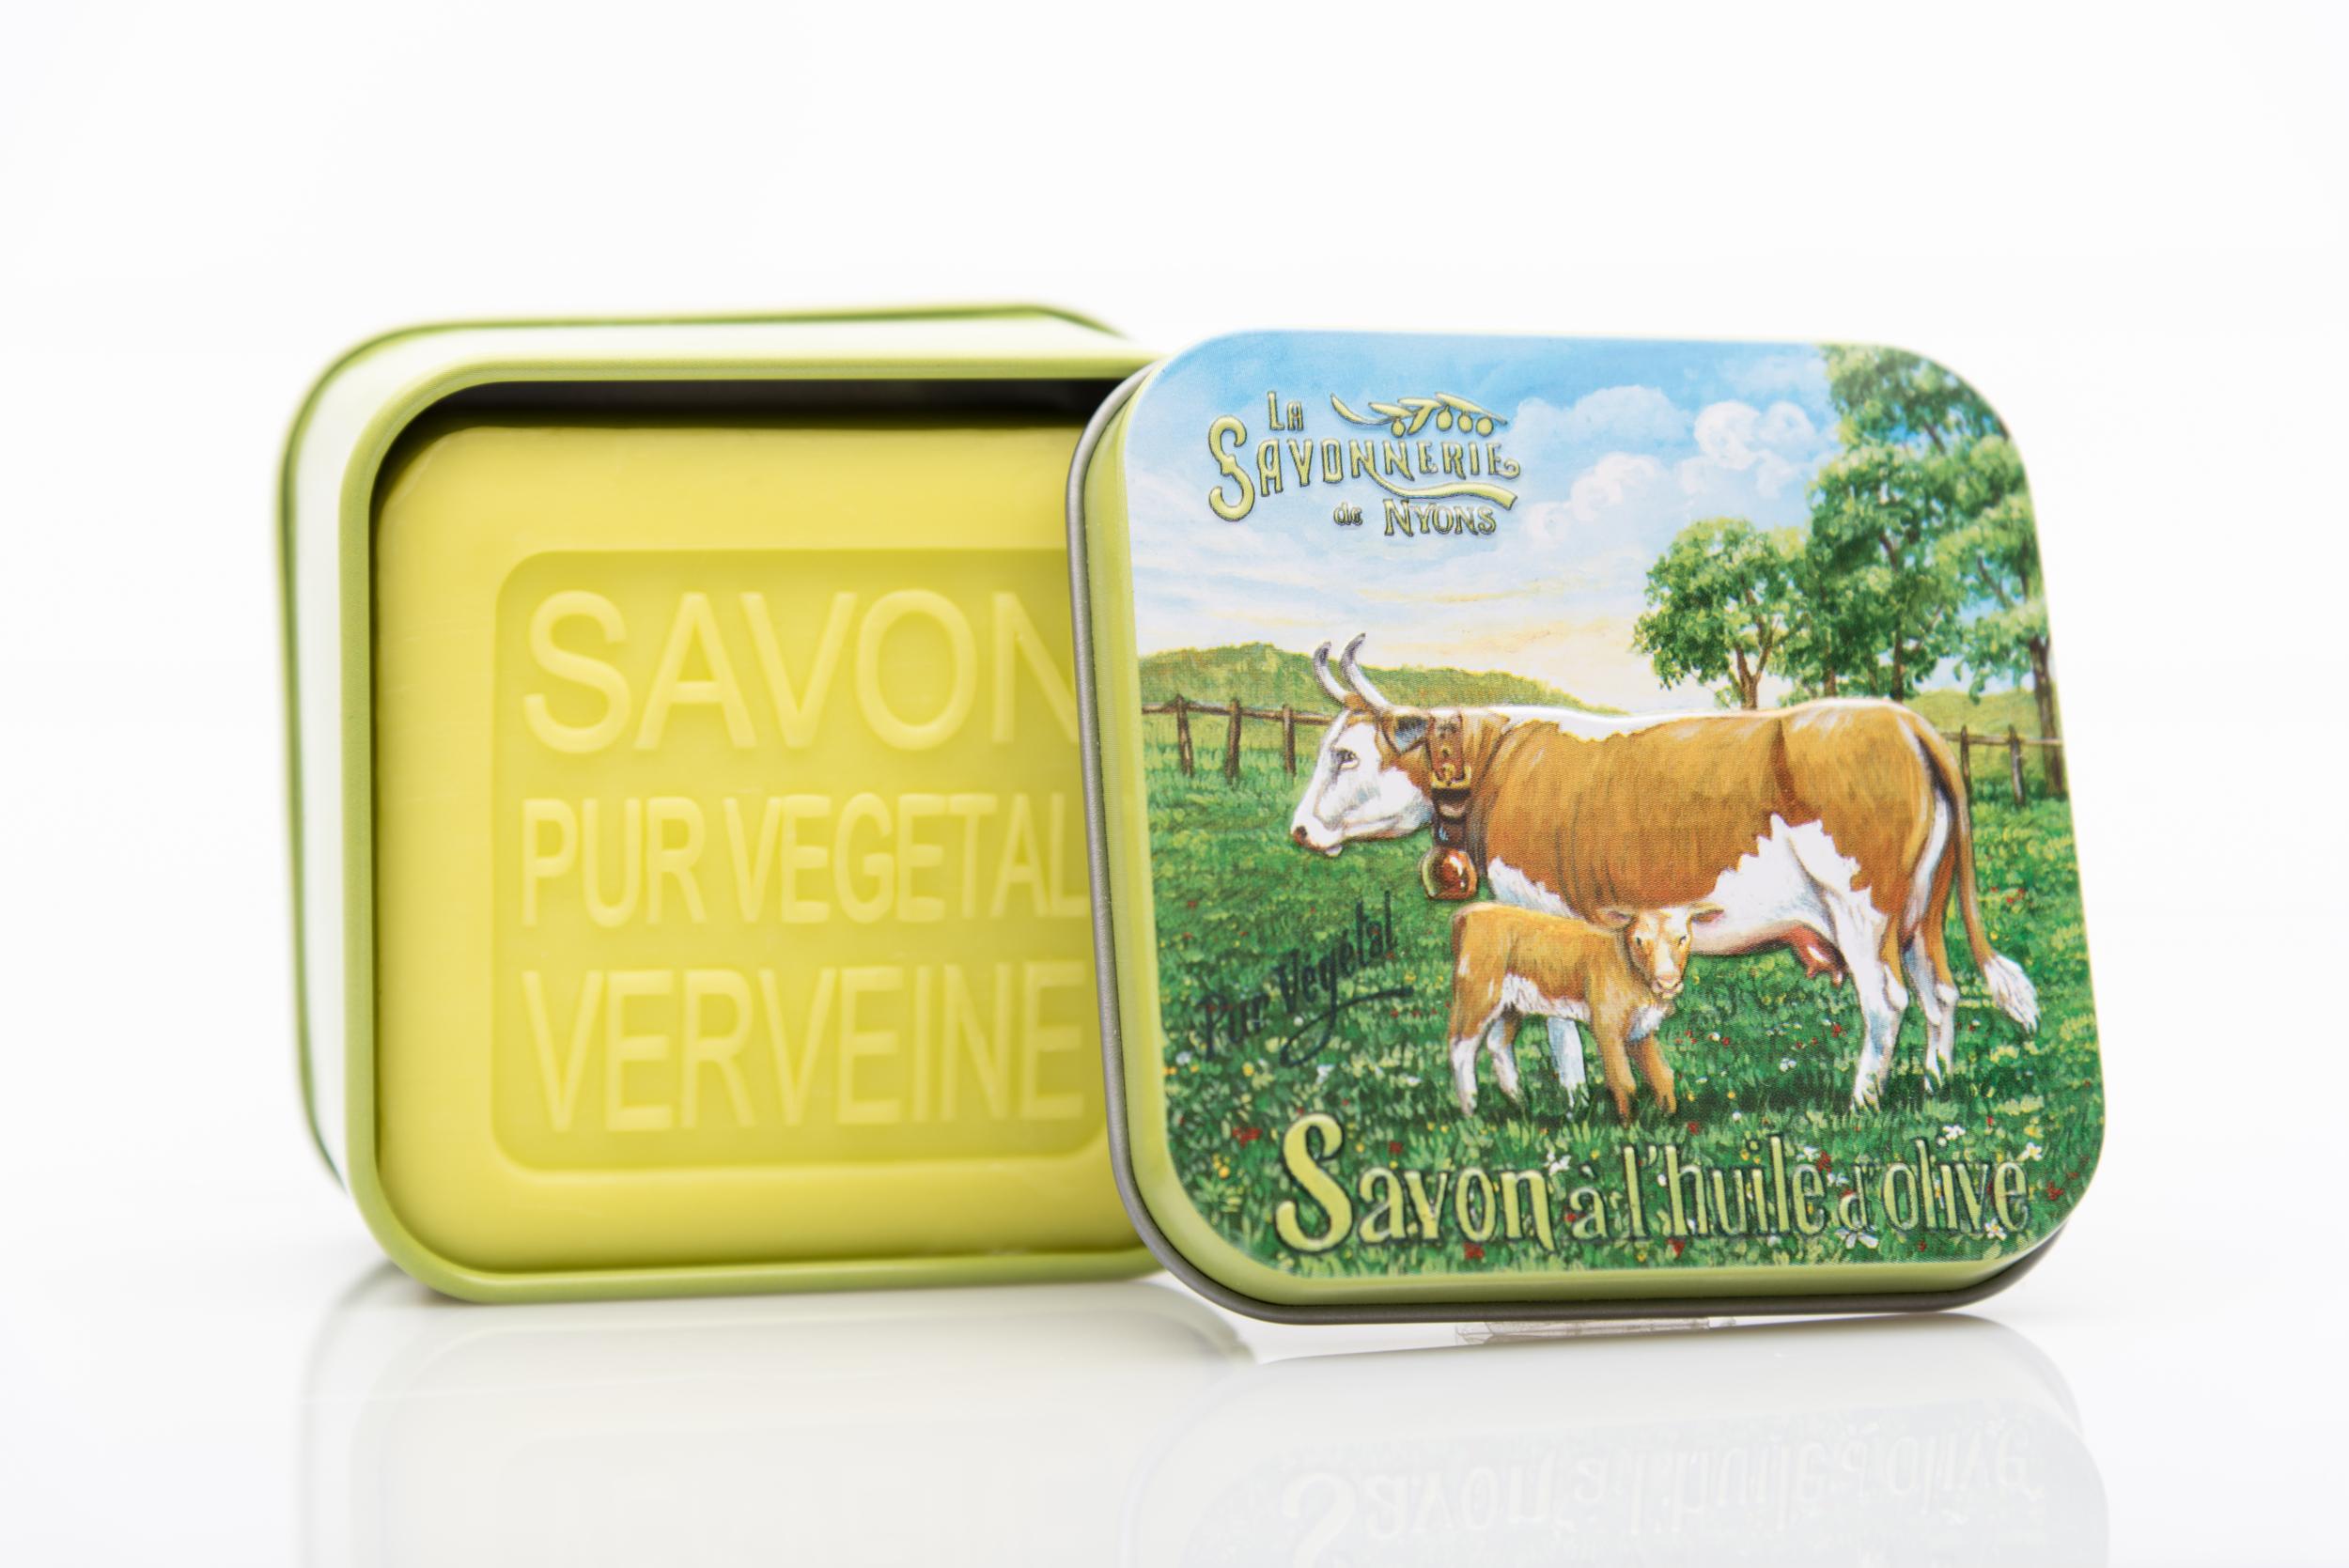 SAVON DE NYONS VEGETAL MADE IN FRANCE AVEC BOITE METALIQUE MODELE 40 A LA VERVEINE